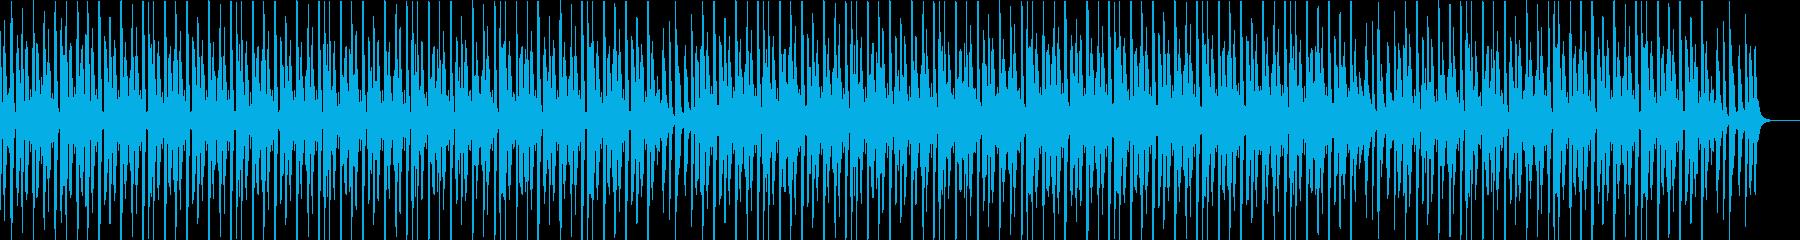 ランチタイムの再生済みの波形